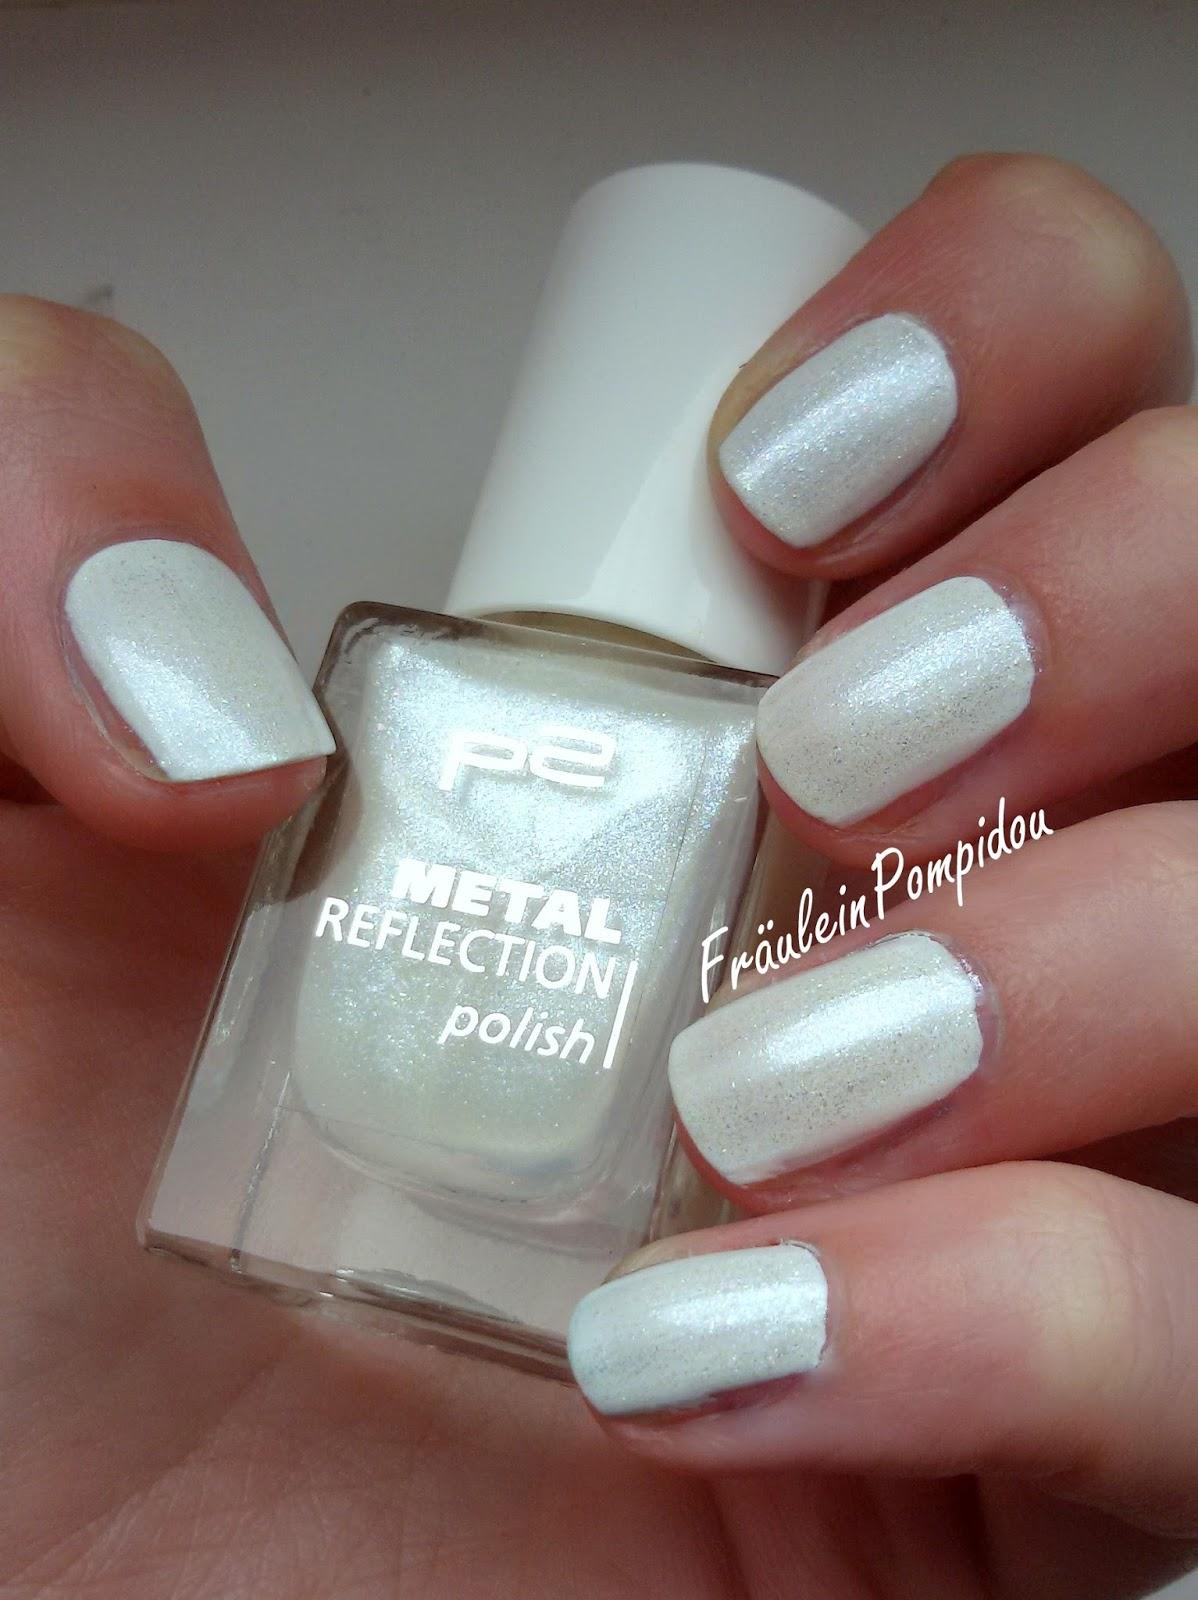 Fräulein Pompidou - Nagellack und mehr: Lacke in Farbe...und bunt! Weiß